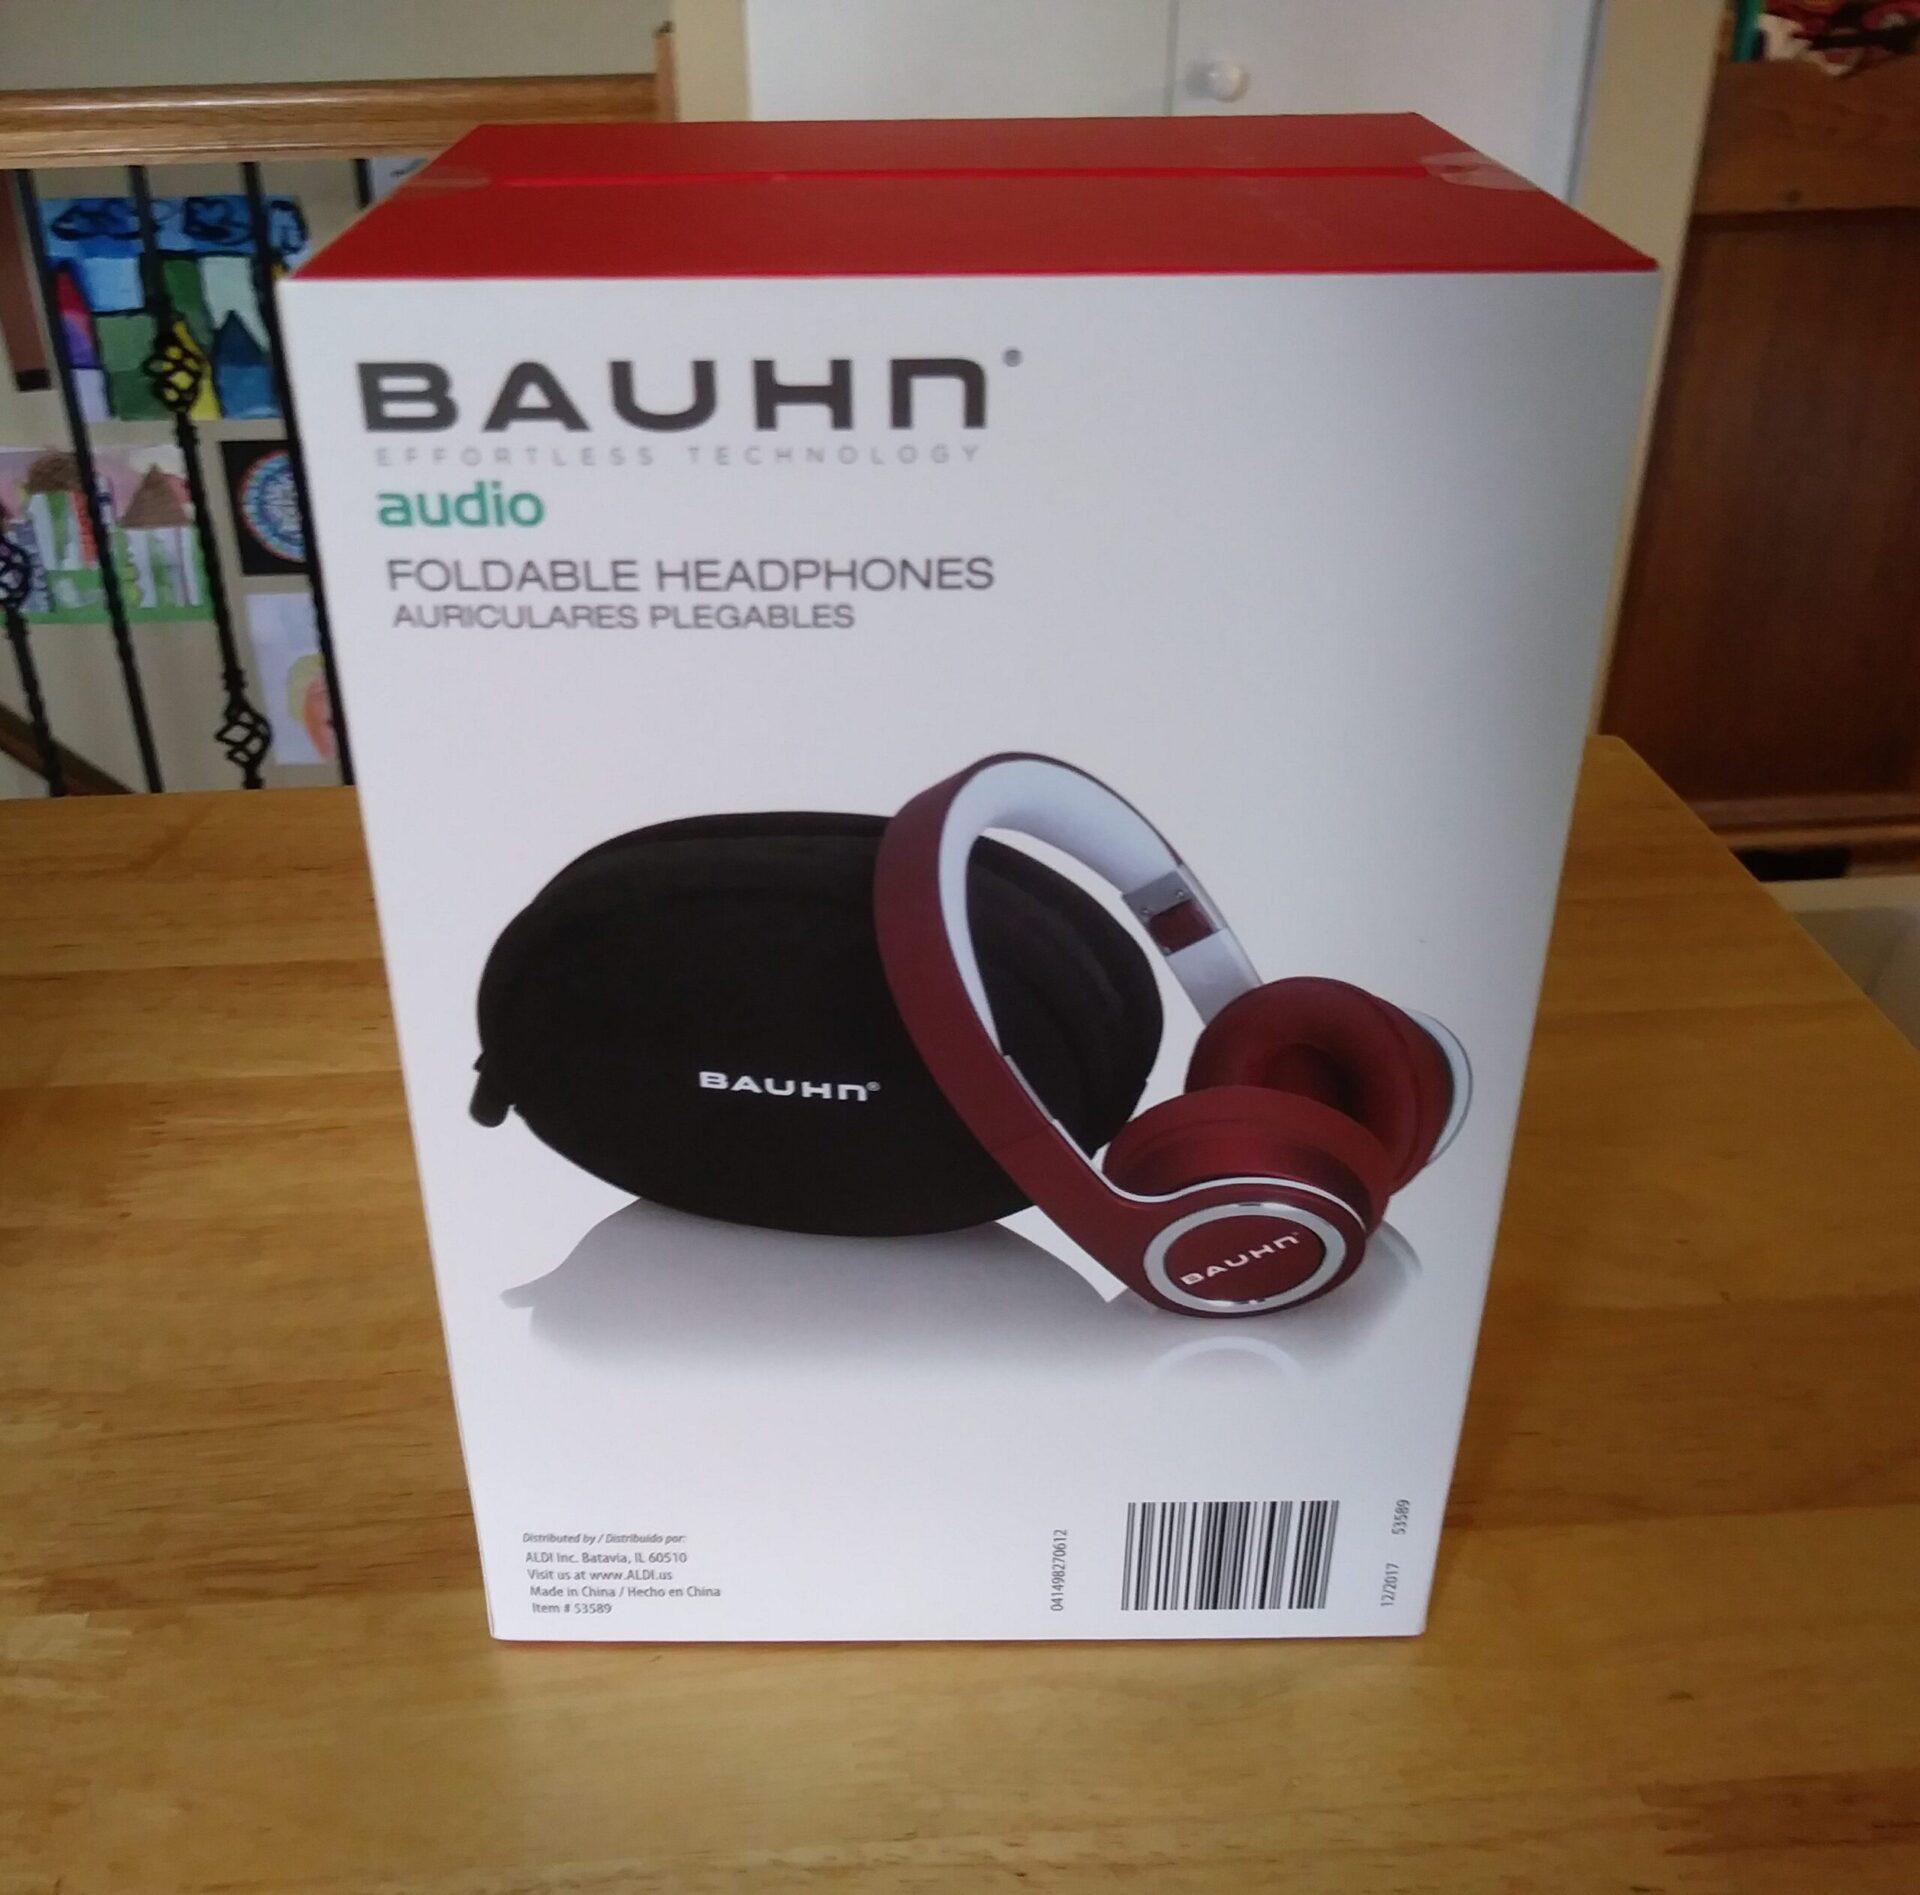 BAUHN LE34 USER MANUAL Pdf Download.